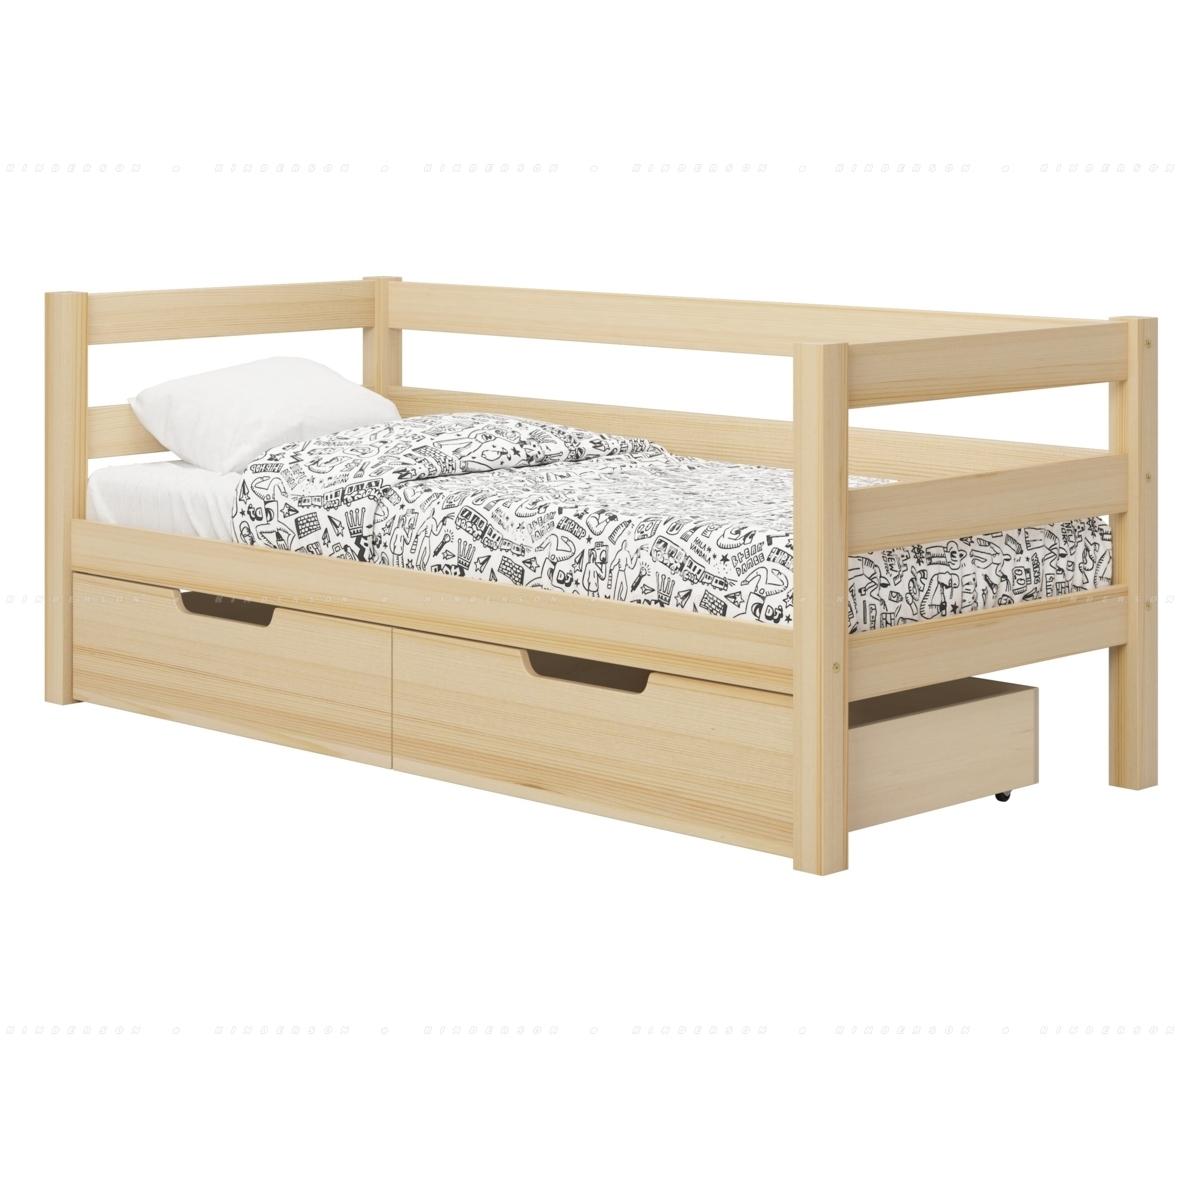 Образец кровати с установленными ящиками.